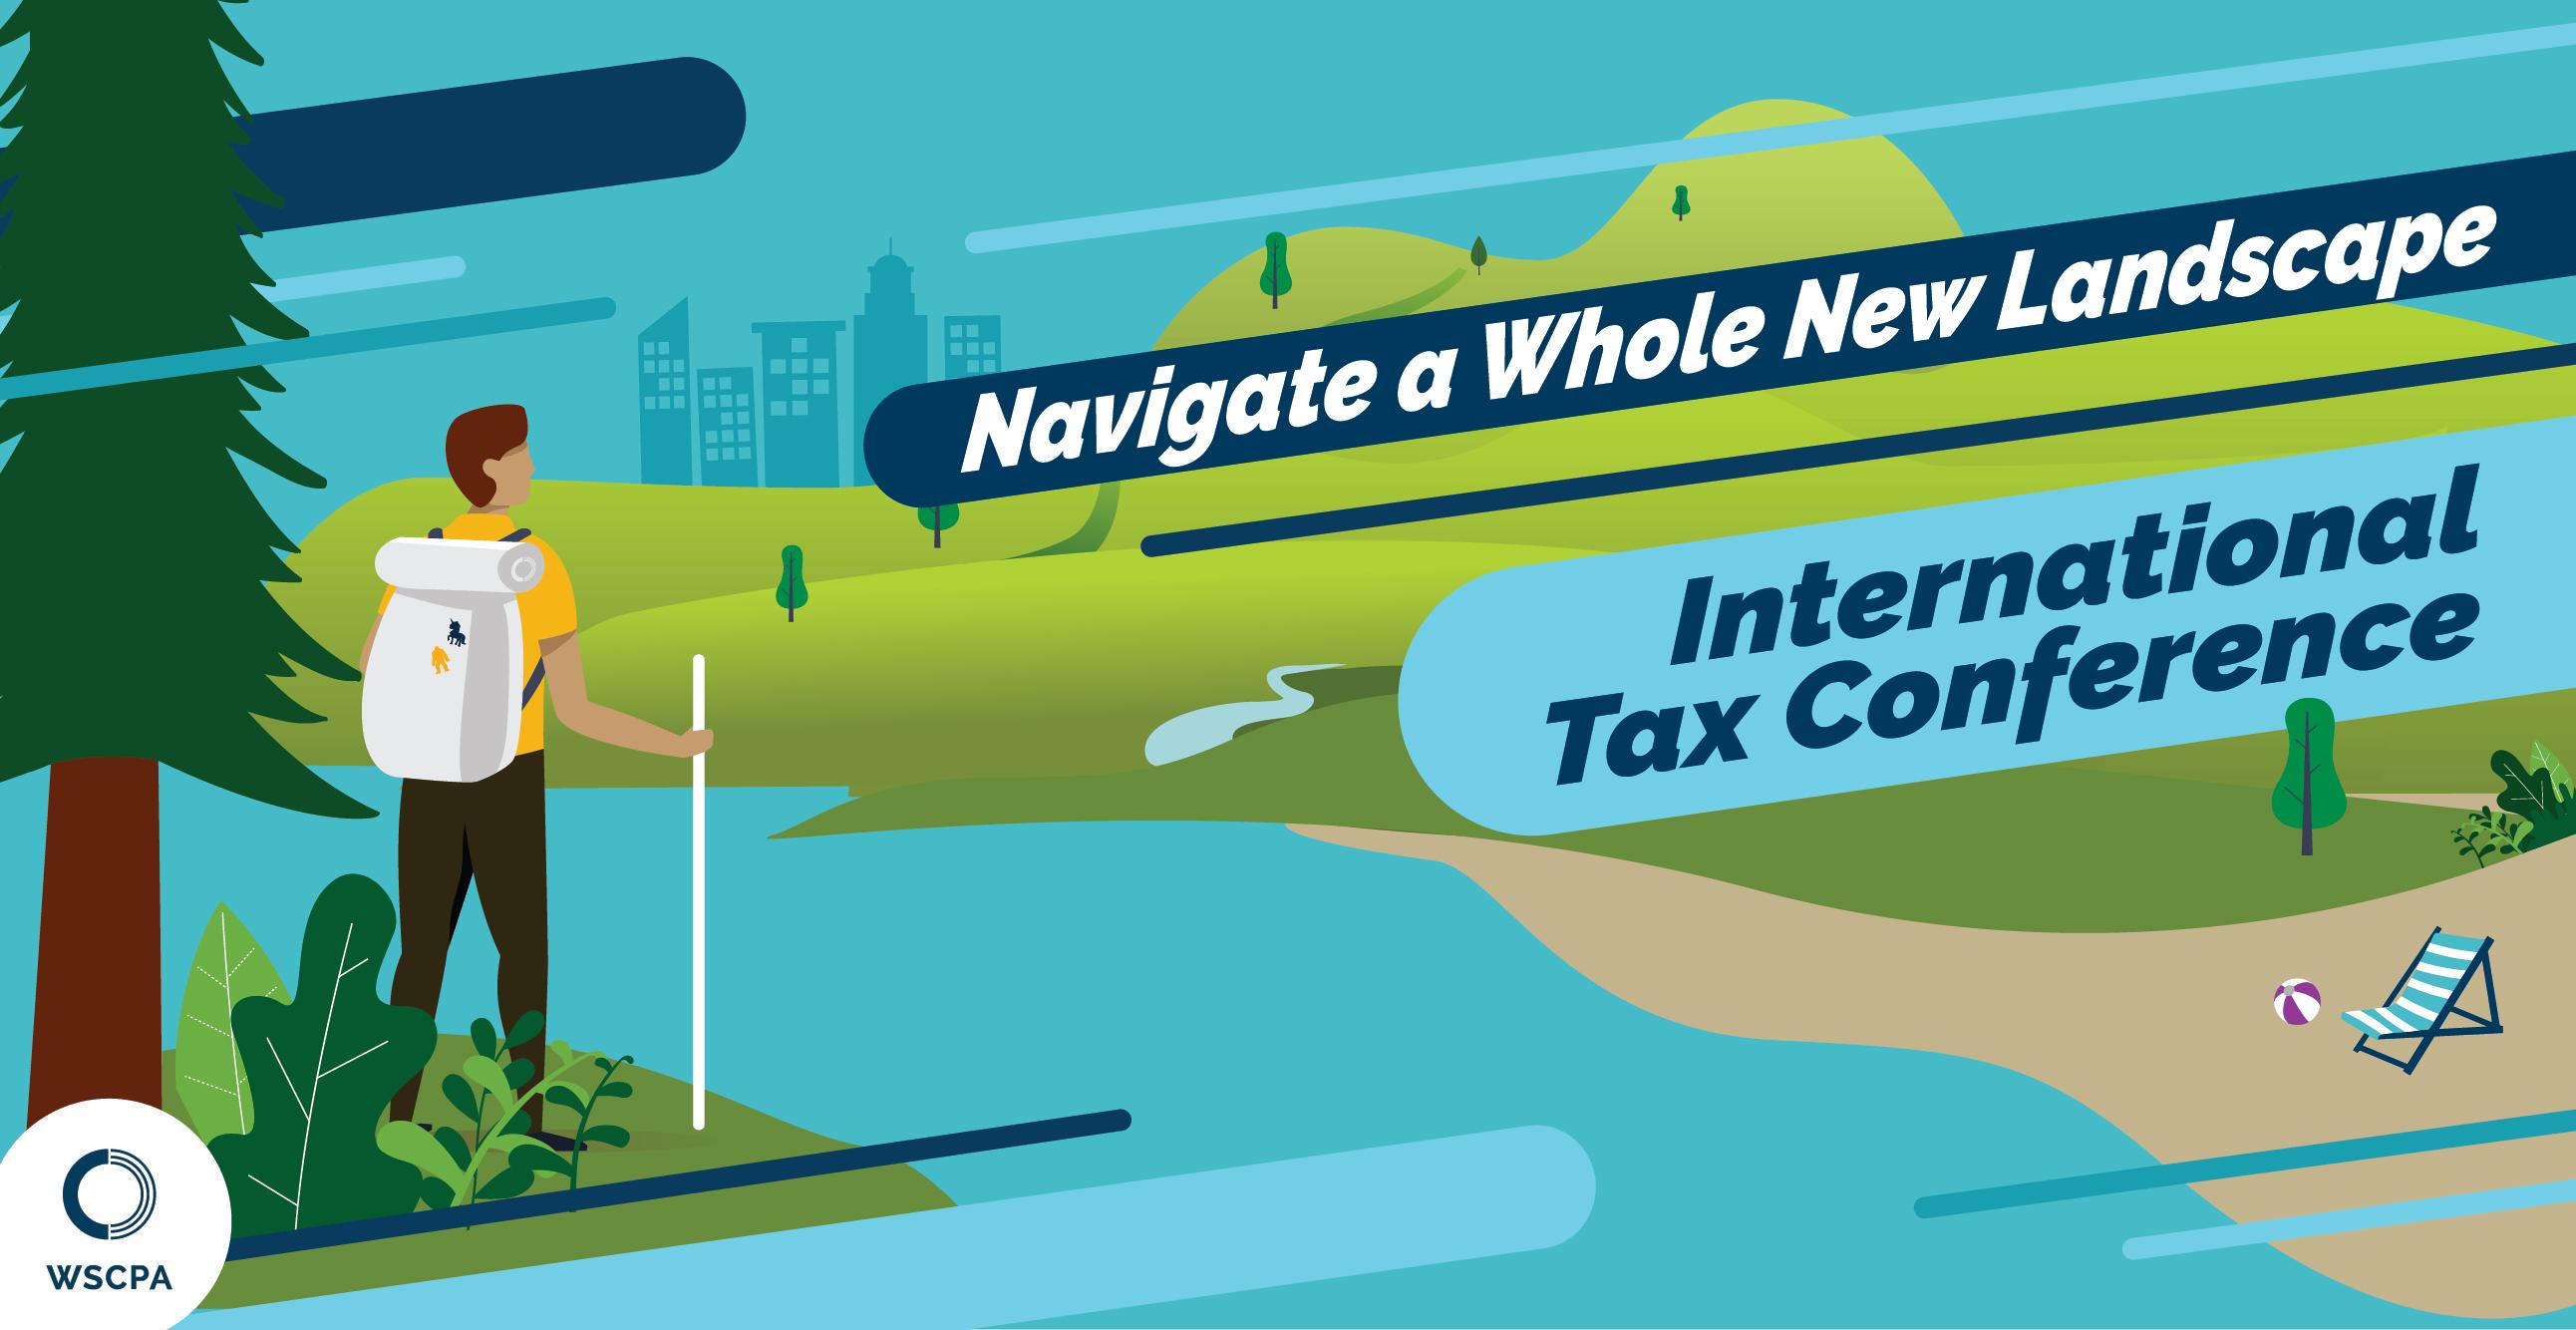 INTC, navigate a whole new landscape